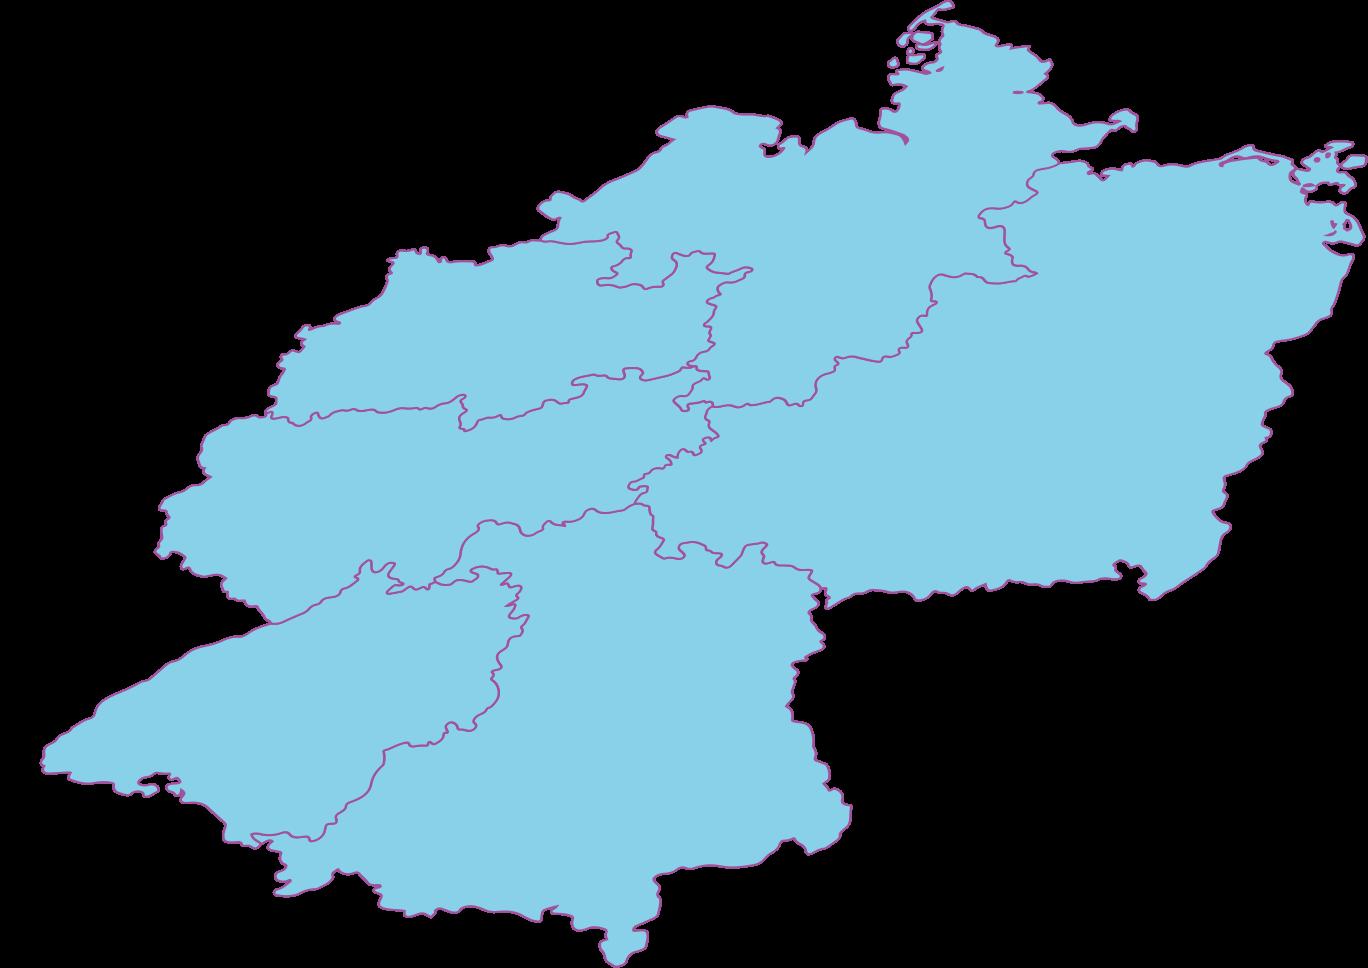 tessmar_brandevolution_fiducia_vorstandskommunikation_deutschlandkarte